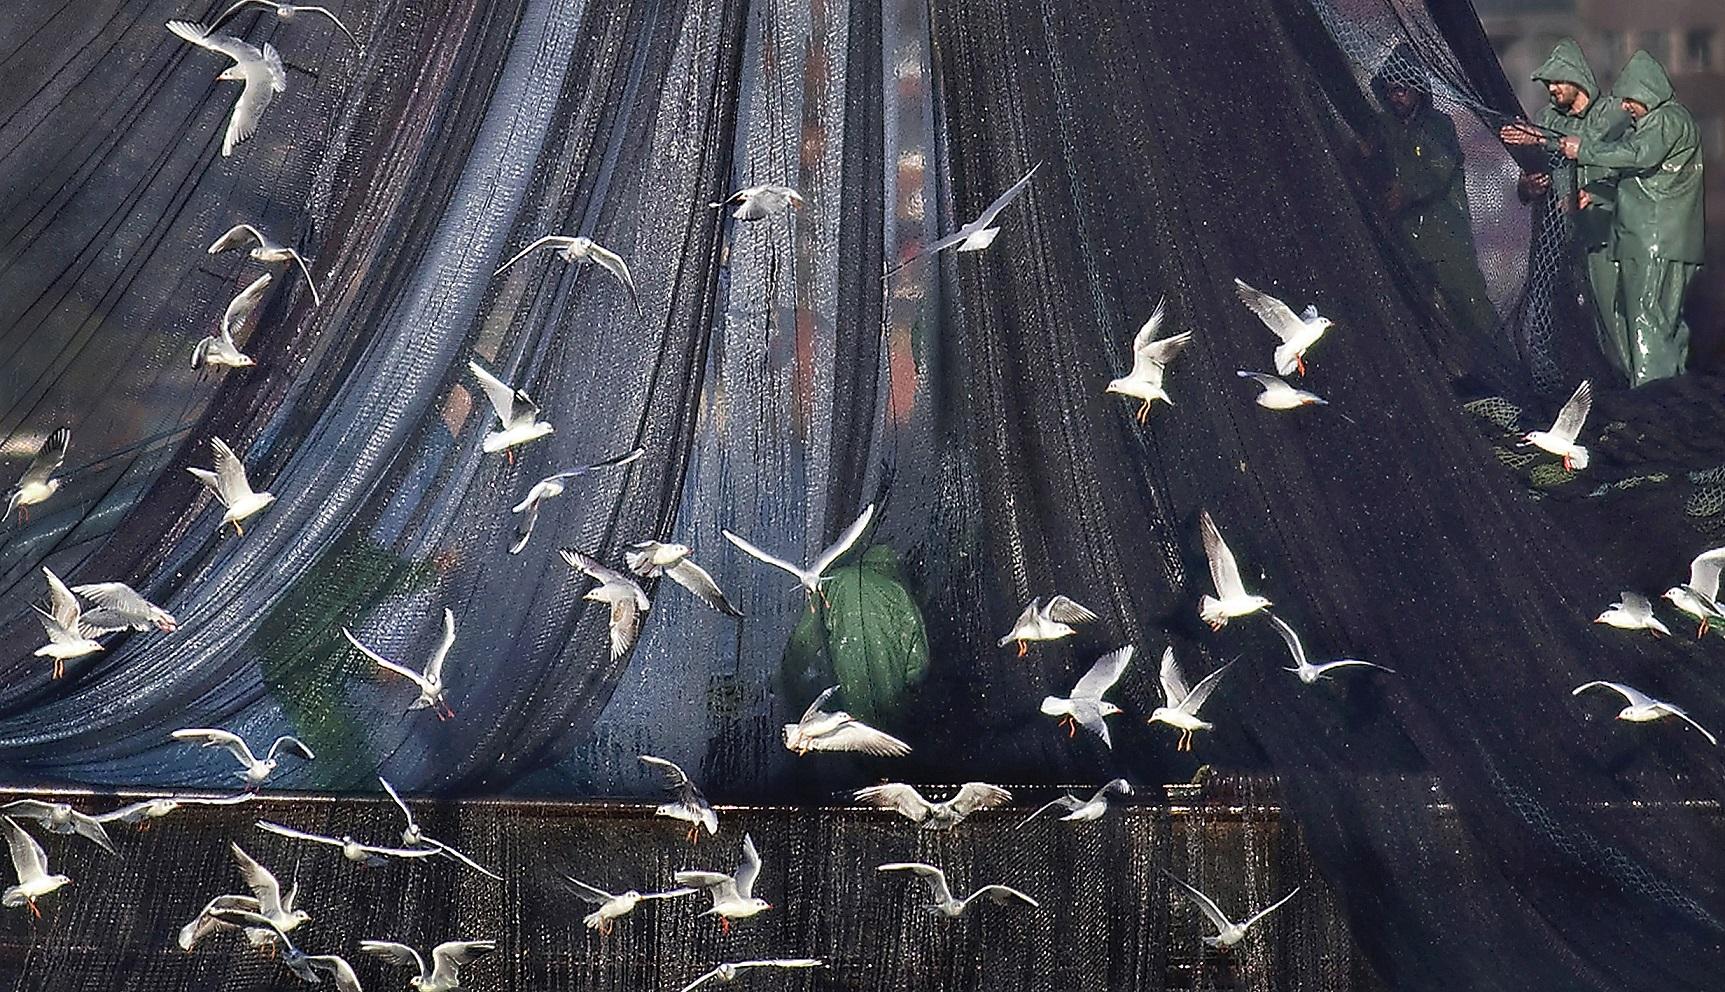 Kadın Gözüyle Hayattan Kareler Fotoğraf Sergisi Dijitale Taşındı